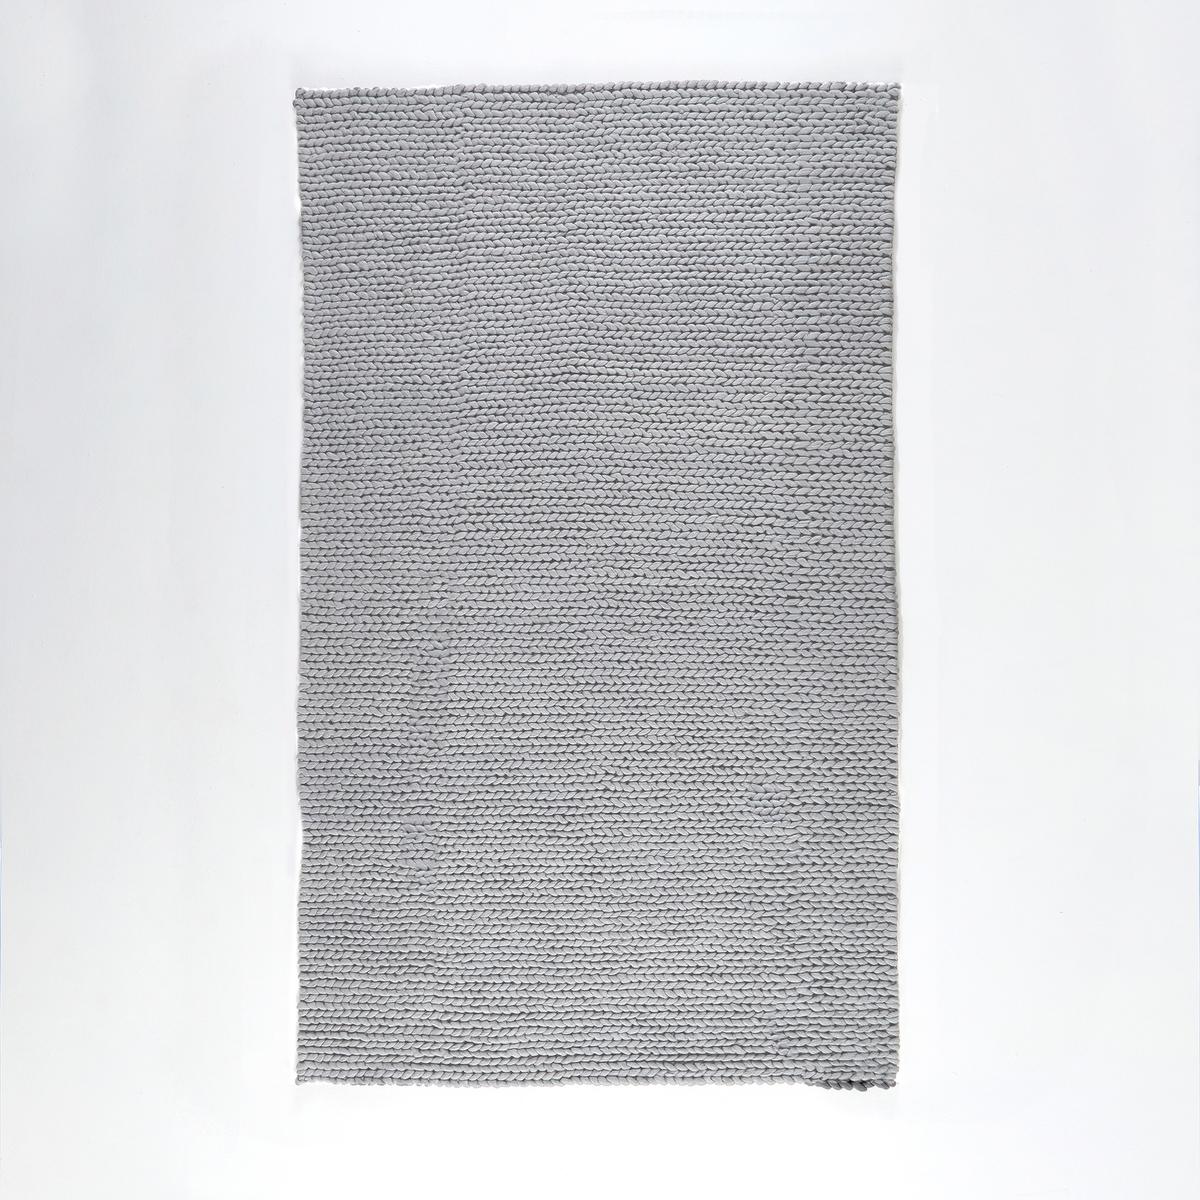 Коврик прикроватный Diano, 100% шерсть, с эффектом трикотажной тканиХарактеристики прикроватного коврика из 100% шерсти с эффектом трикотажной ткани, Diano   :Очень высокое качество : 100% шерсти, 3400 г/м?.2 варианта расцветки : экрю и серый.Вы можете найти коврик  Diano на laredoute .ruРазмеры прикроватного коврика из 100% шерсти с эффектом трикотажной ткани, Diano    :Ширина : 60 смДлина : 110 смСоветы по уходу :Прикроватные коврики из шерсти могут терять ворс в течение первых месяцев использования. Это не дефект производства. Это явление обычно проходит после одного-двух проходов коврика пылесосом (всегда двигайте пылесос в направлении ворса и никогда против ворса).<br><br>Цвет: антрацит,серый мышиный<br>Размер: 60 x 110  см